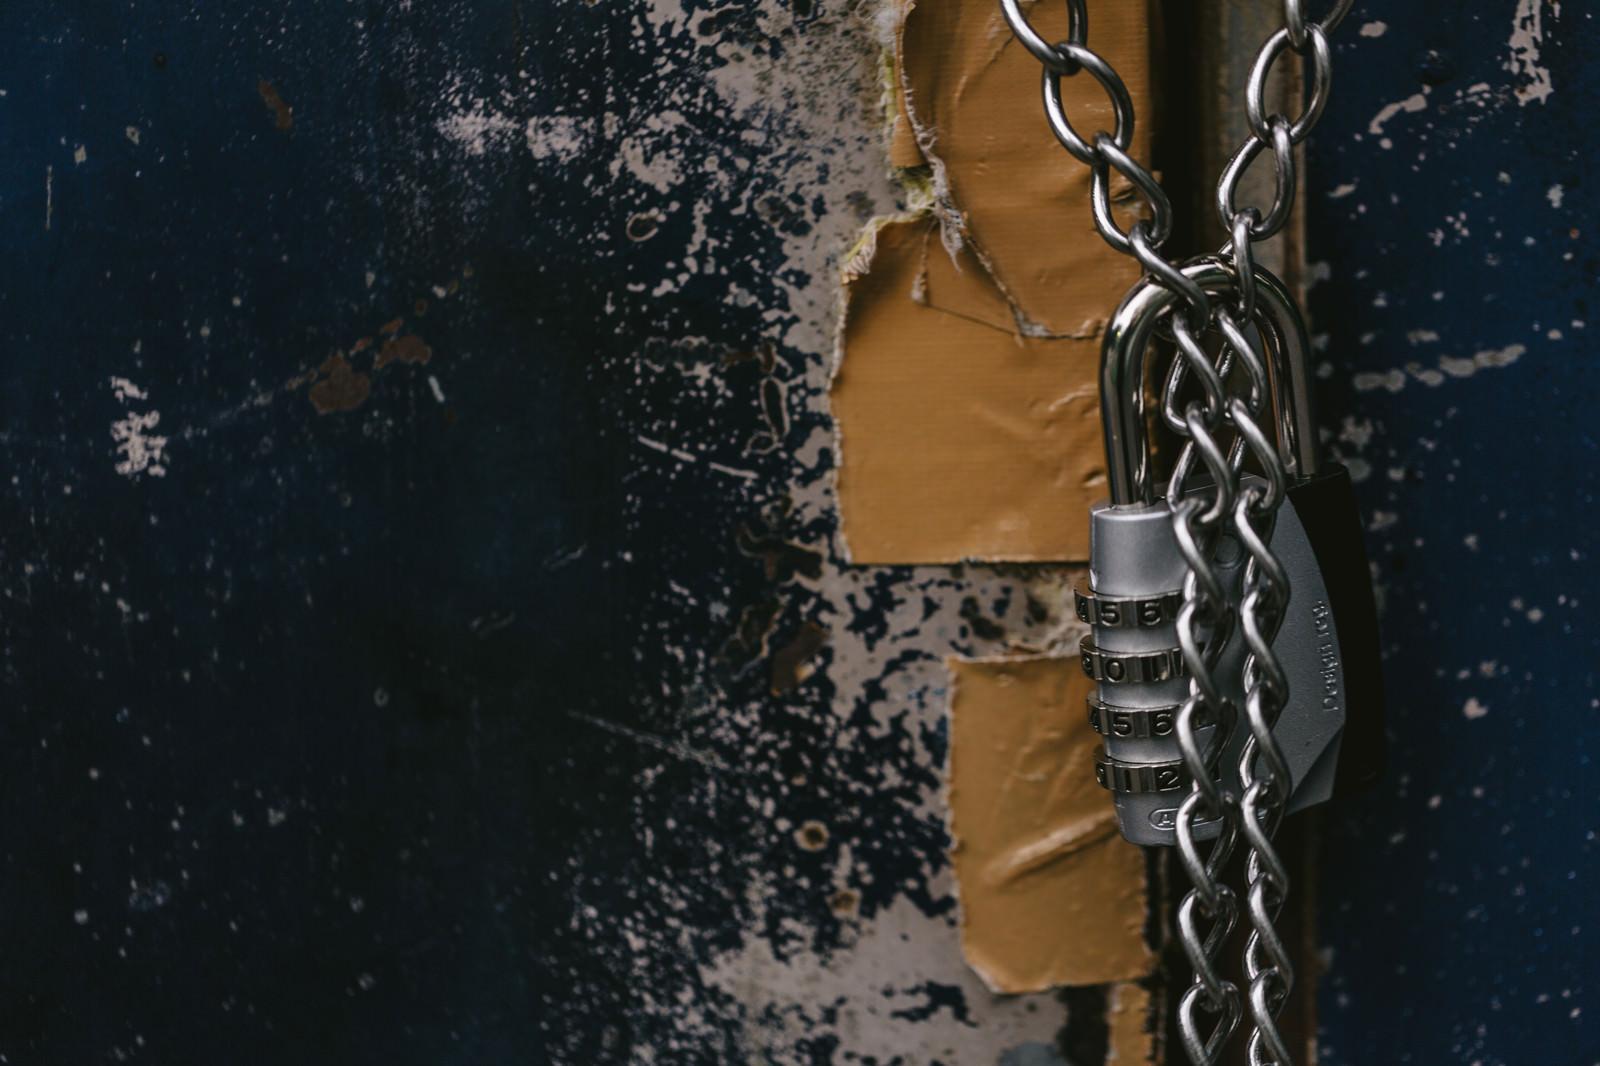 「南京錠でロックしている意味がないくらいテープで補強されたドア南京錠でロックしている意味がないくらいテープで補強されたドア」のフリー写真素材を拡大